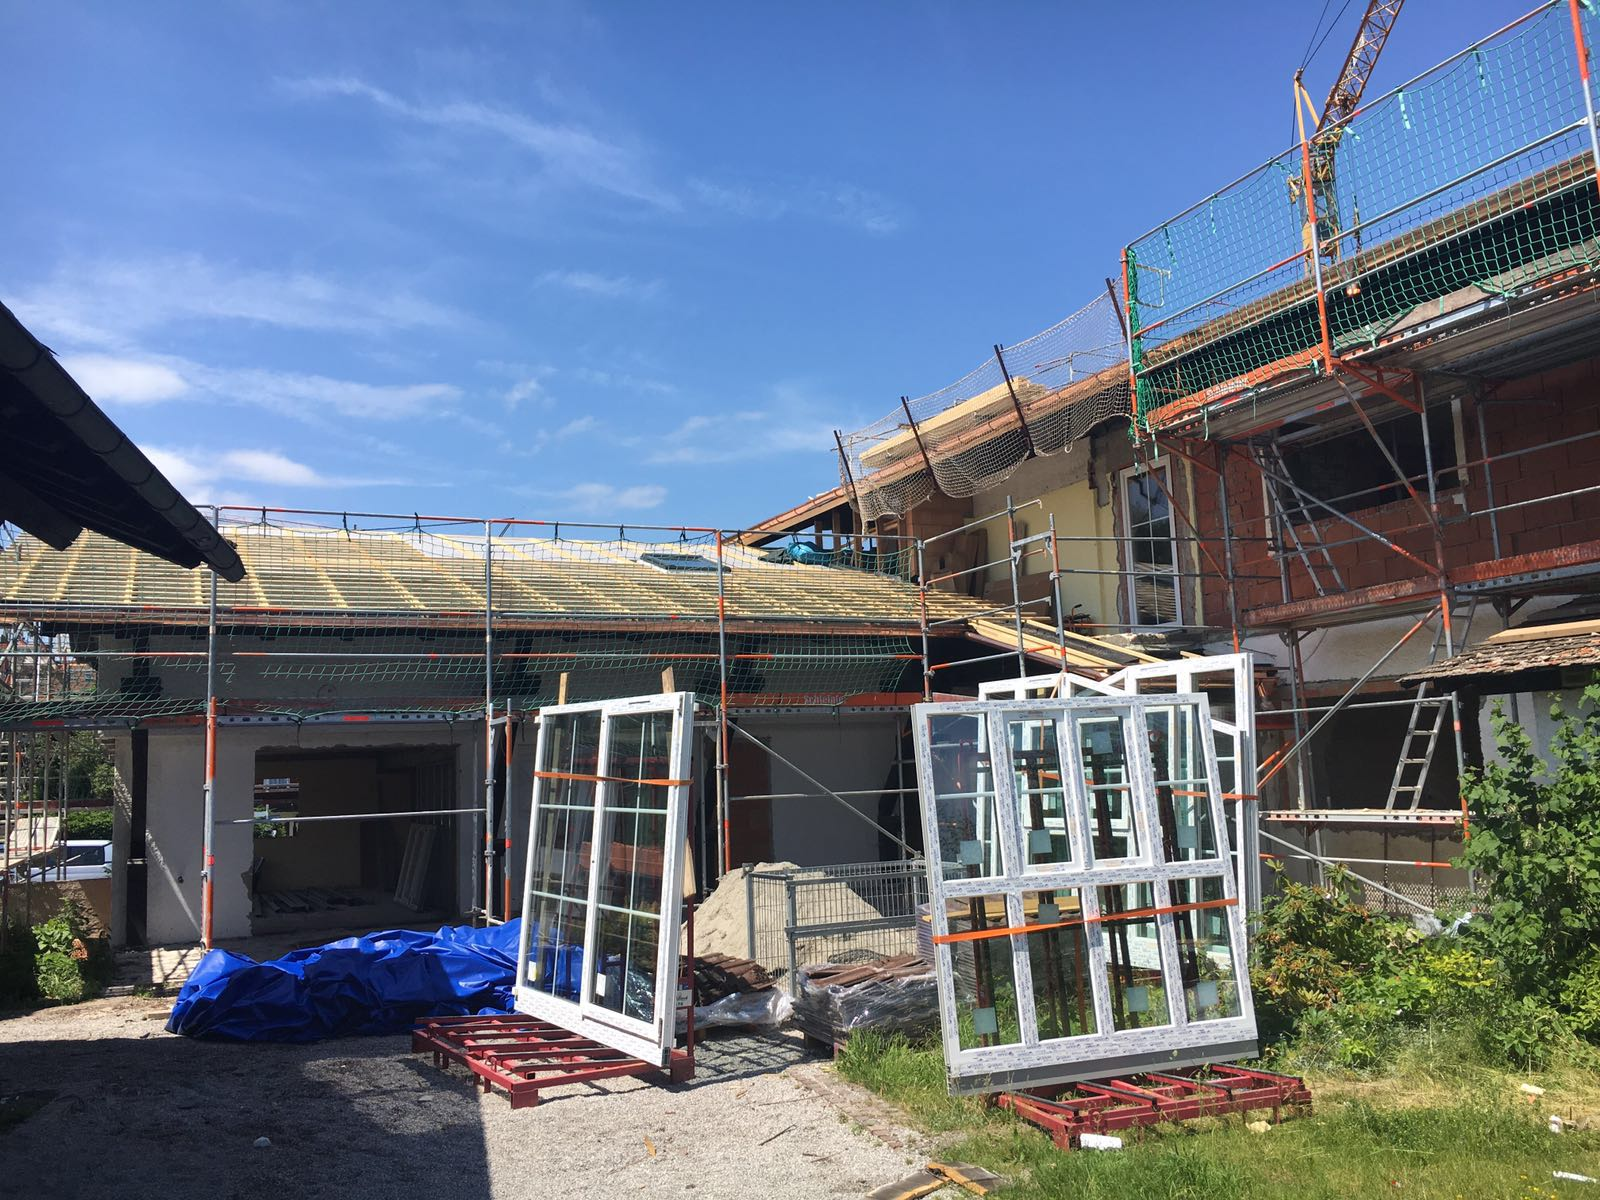 neue Fenster werden eingebaut und das Dach gedeckt